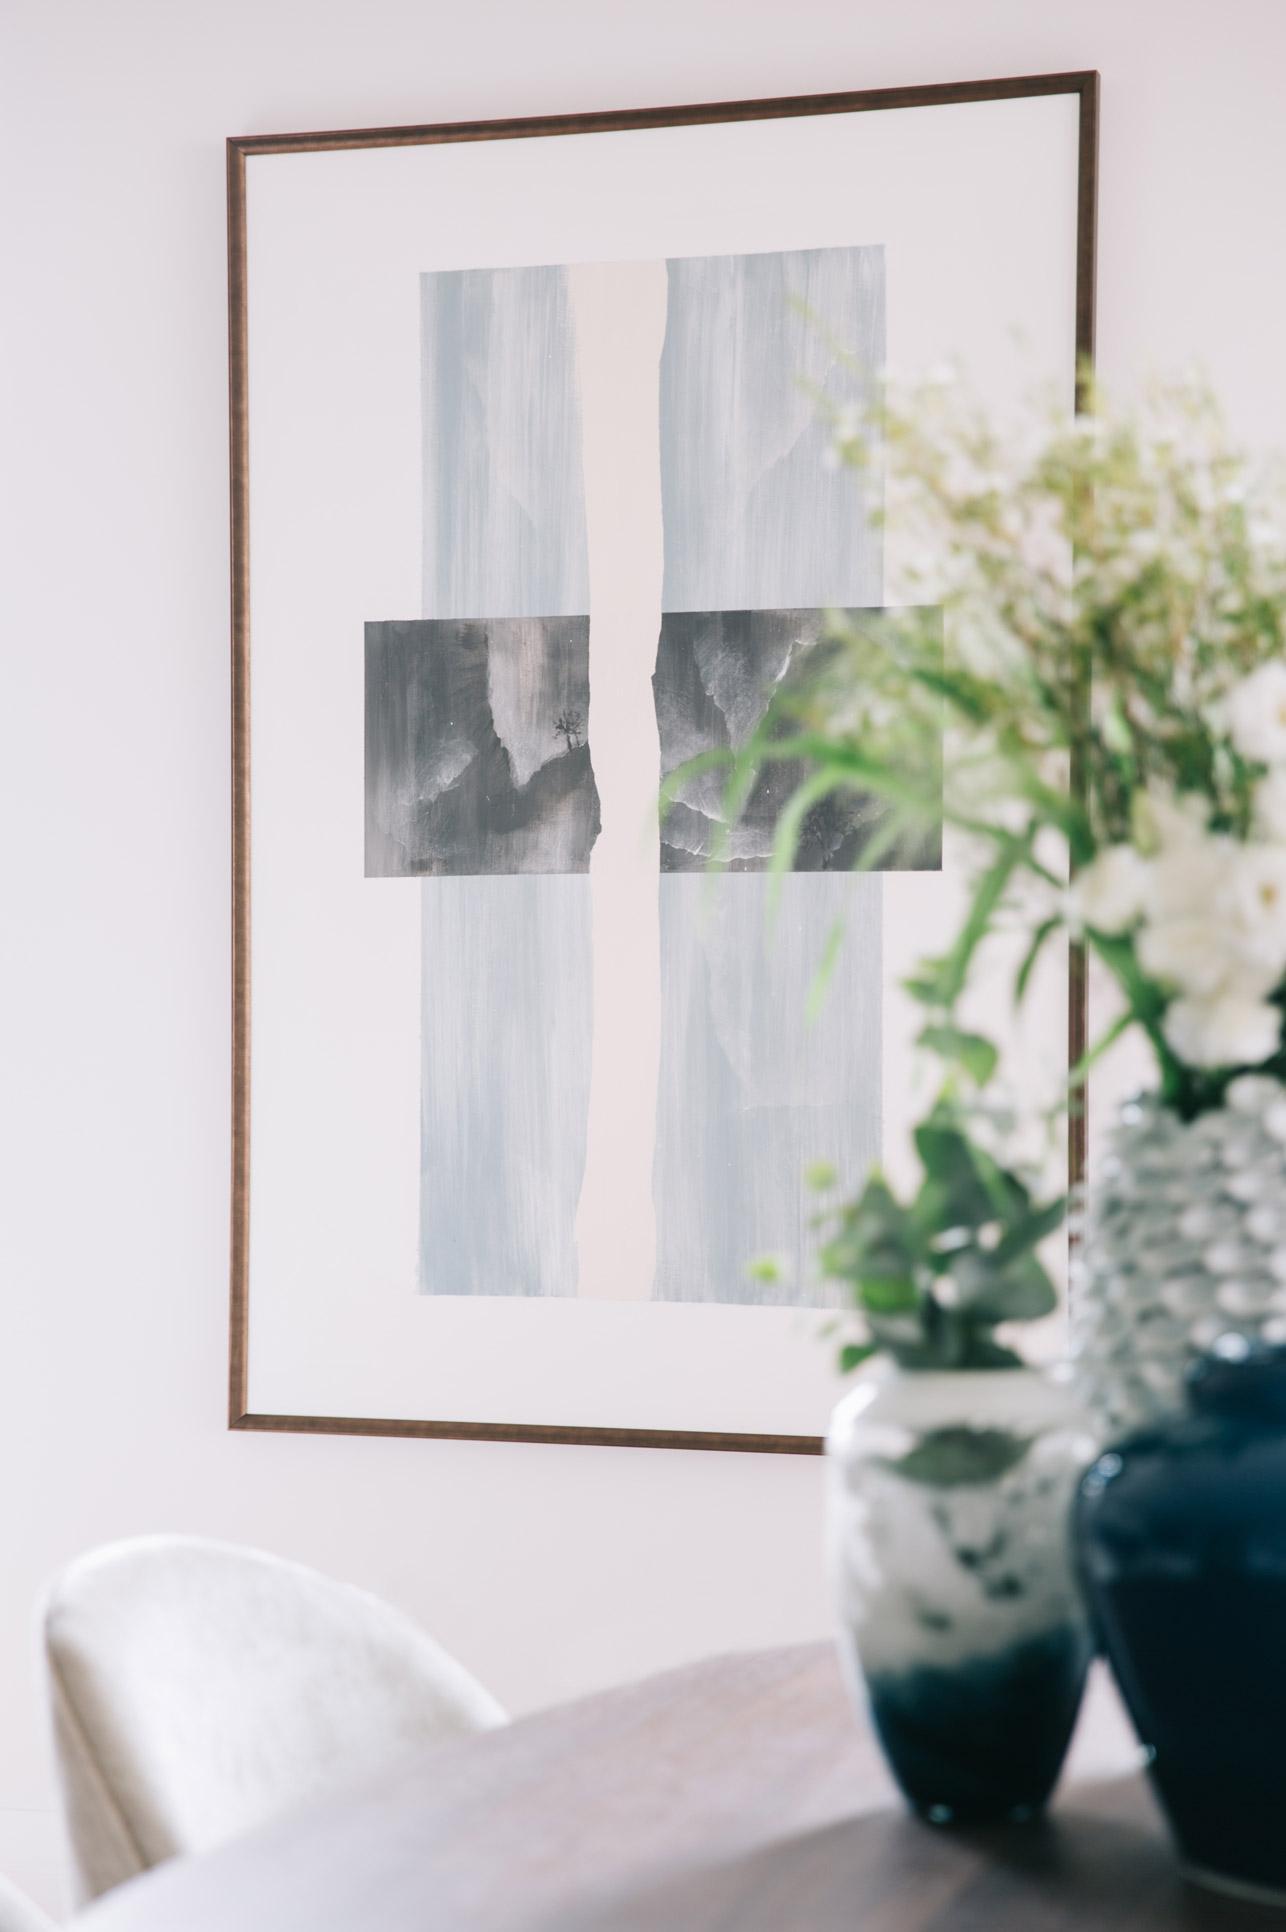 A_LONDON_Holland_Park_Villas_10_Living_Room.jpg